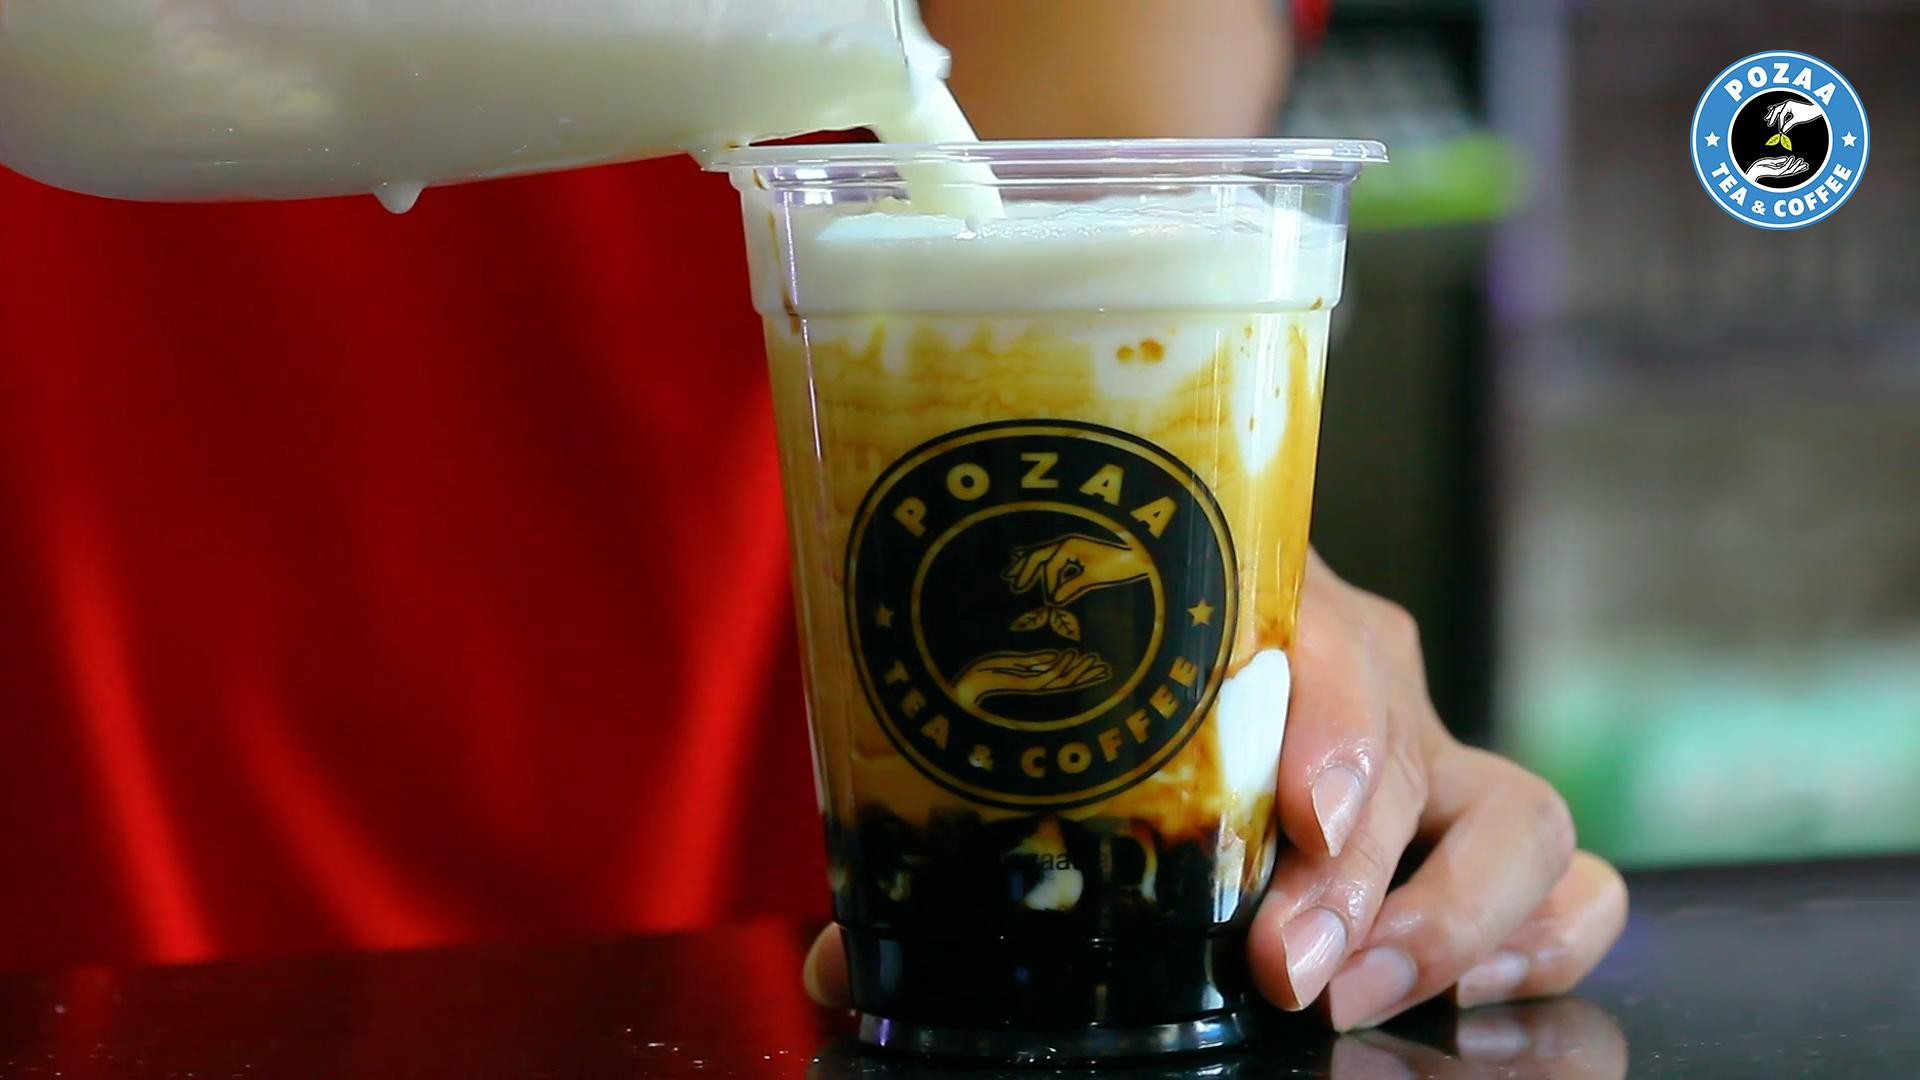 """Thương hiệu trà sữa """"3000 ly trong 1 ngày"""" xuất hiện tại phố cổ sầm uất Hải Phòng - Ảnh 3."""